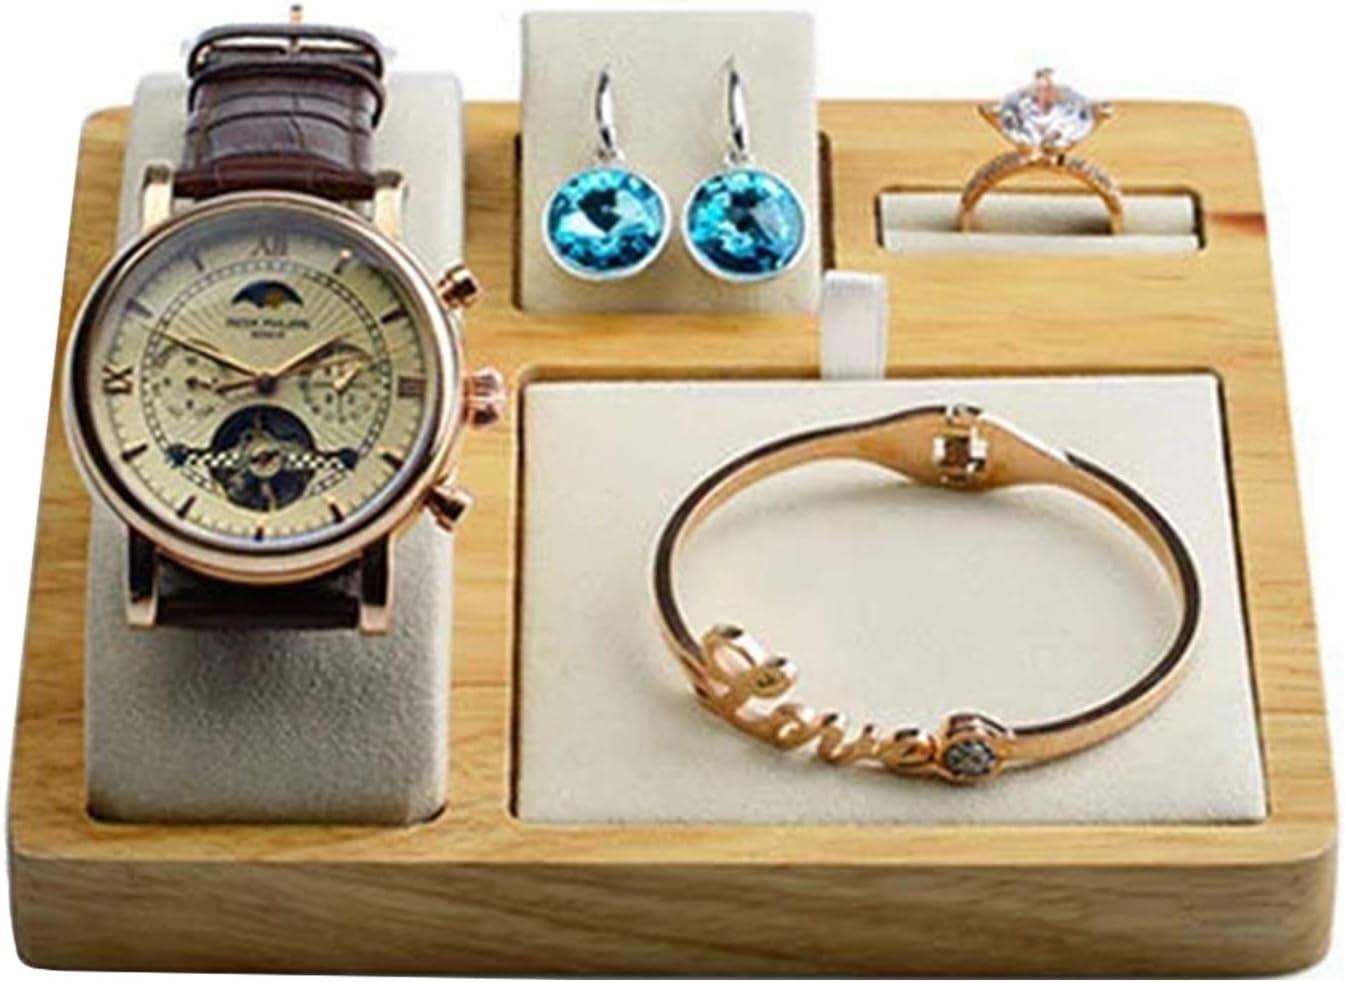 CHQY Estante de joyería, collar de madera, conjunto de almacenamiento de pendientes de pulsera, ventana comercial/exposición/tienda de joyas, accesorios de almacenamiento para niña, color beige